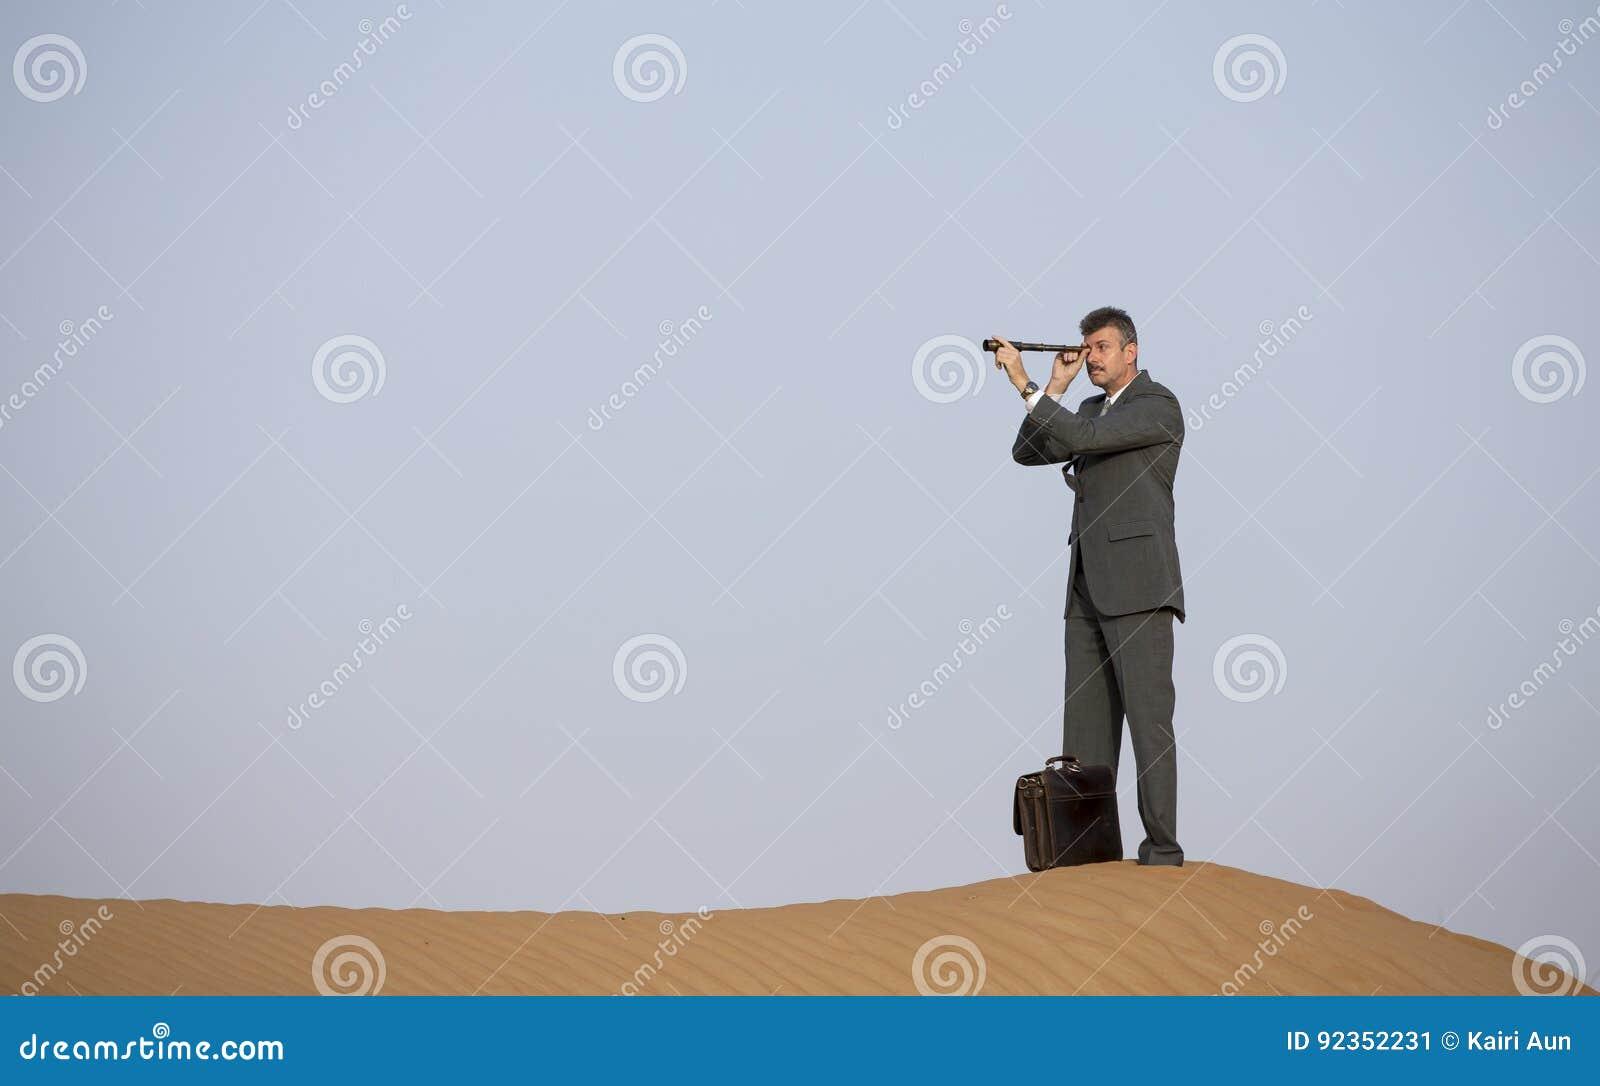 Resultado de imagen para hombre con catalejos imagenes